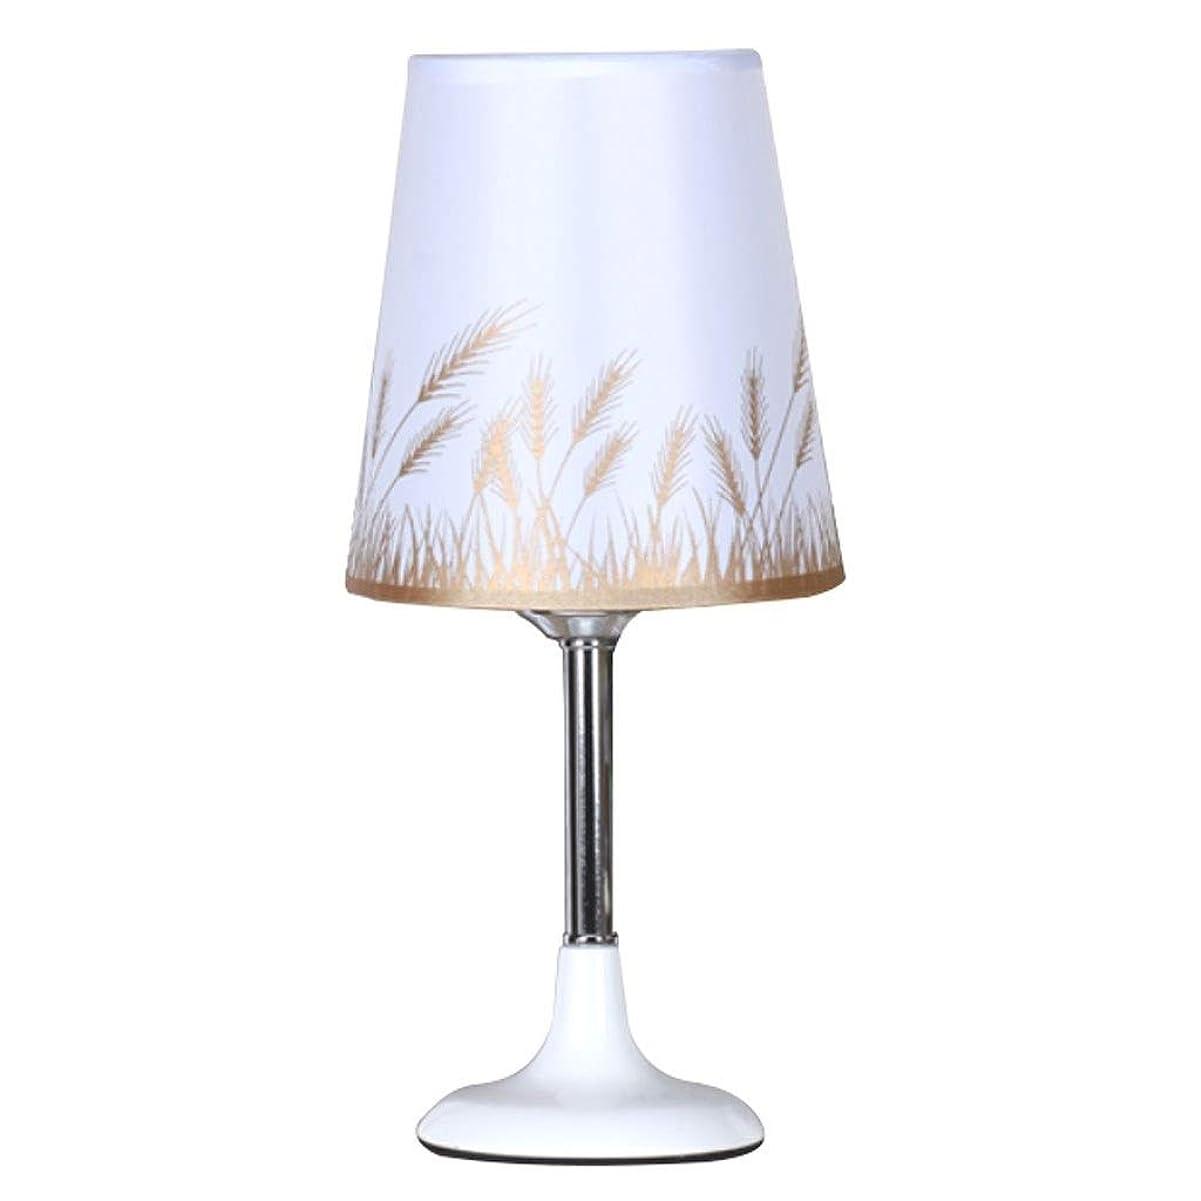 ベッドサイドテーブルランプ シンプルなクリエイティブテーブルランプの寝室のベッドサイドランプ調光対応屋内テーブルランプボタンスイッチ ベッドルーム、オフィス (Color : Wheat)